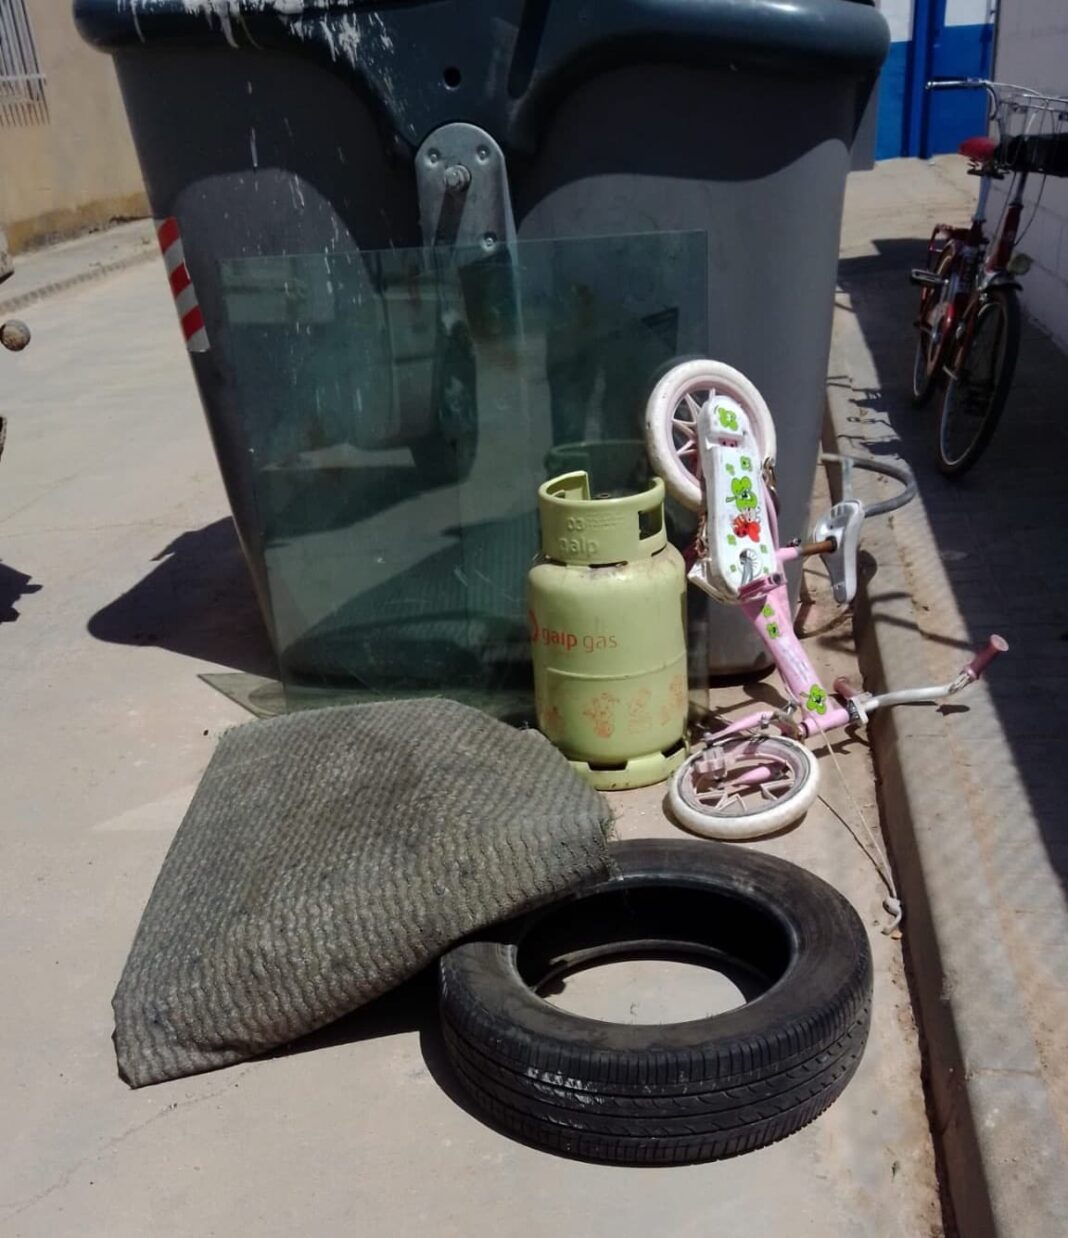 basura en contenedores que es para punto limpio 1068x1238 - Recuerda que Herencia tiene Punto Limpio para utilizarlo